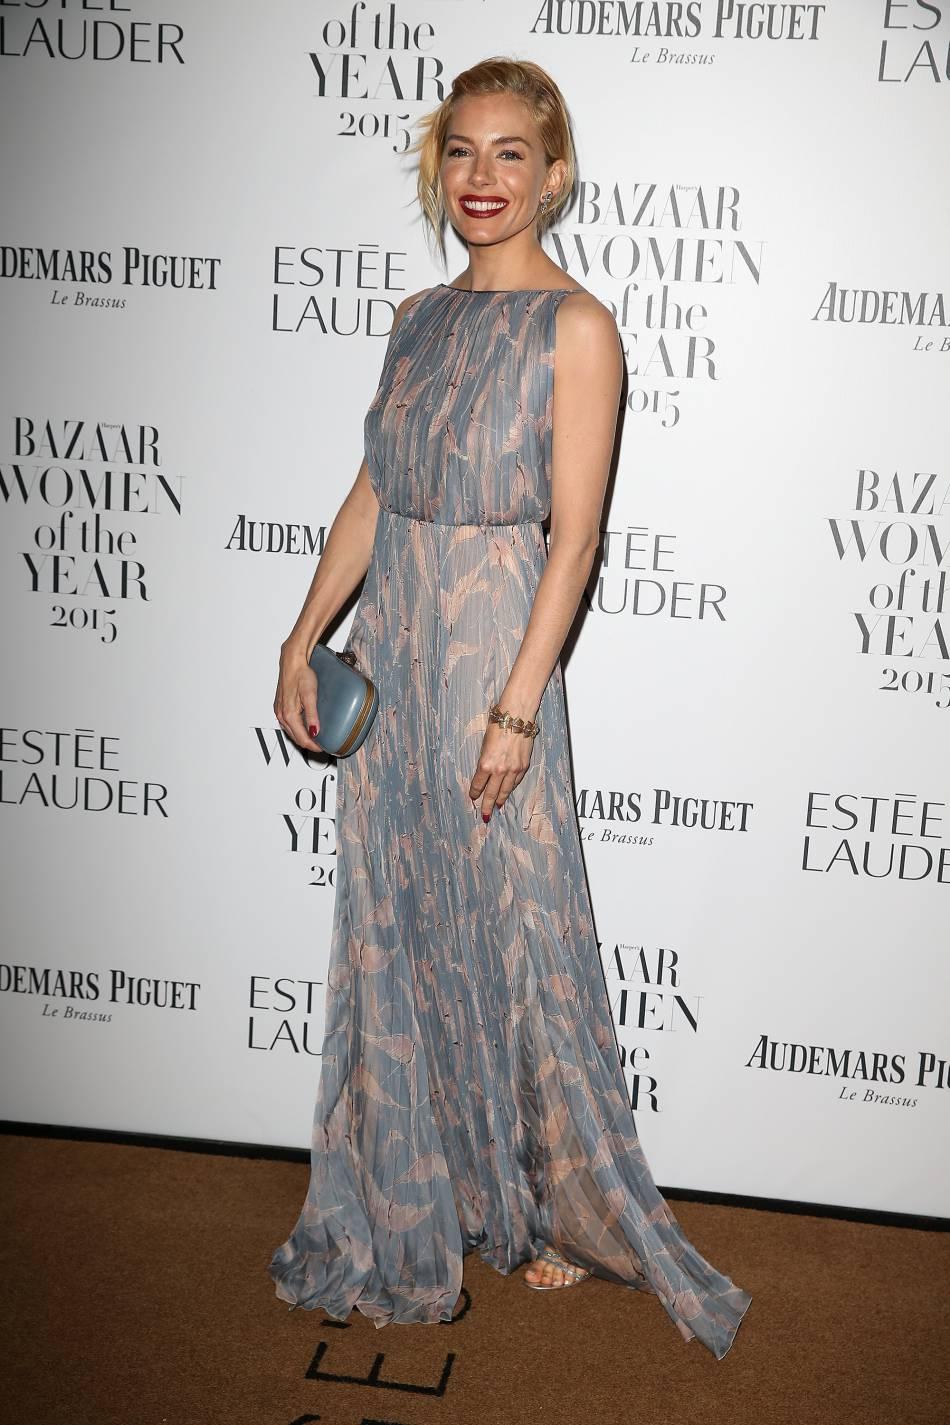 Sienna Miller illumine le photocall dans cette robe plissée bleu ciel et beige.